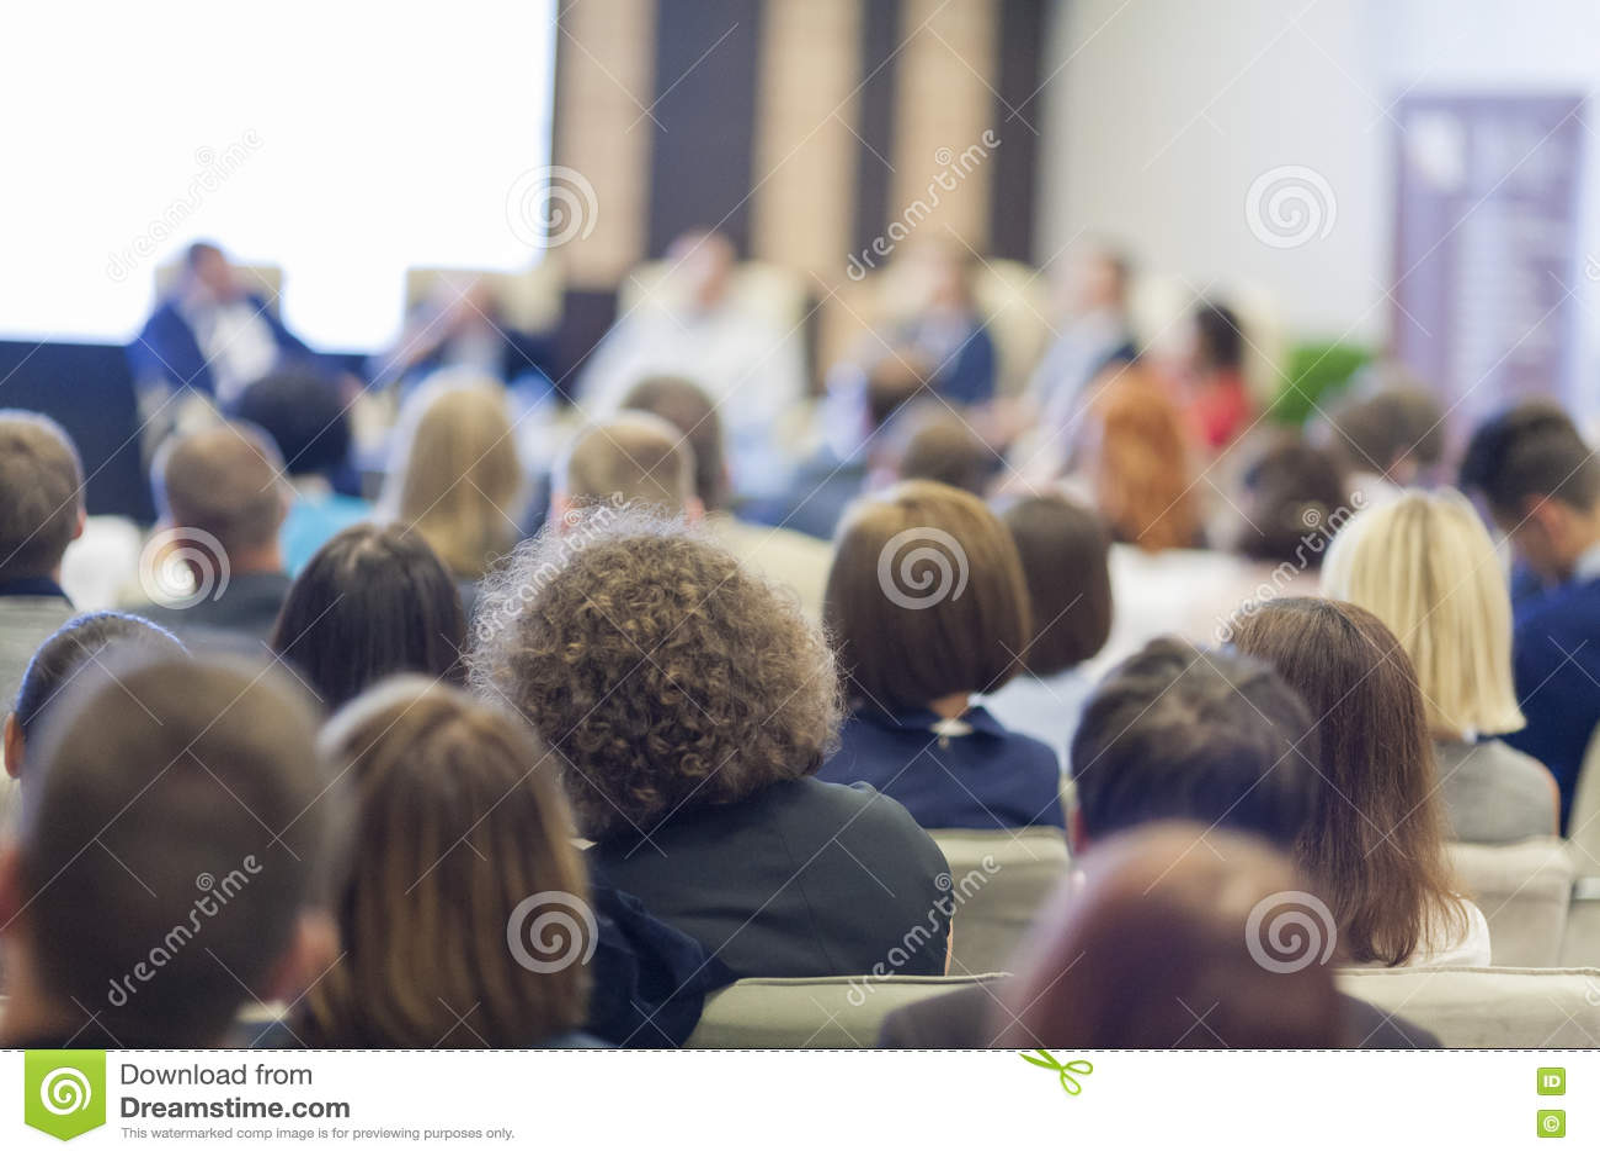 Geld mit Rechner Leute bei der Konferenz hörend auf die Wirts-Sprecher, die in Front On Stage Before The-Publikum sitzen